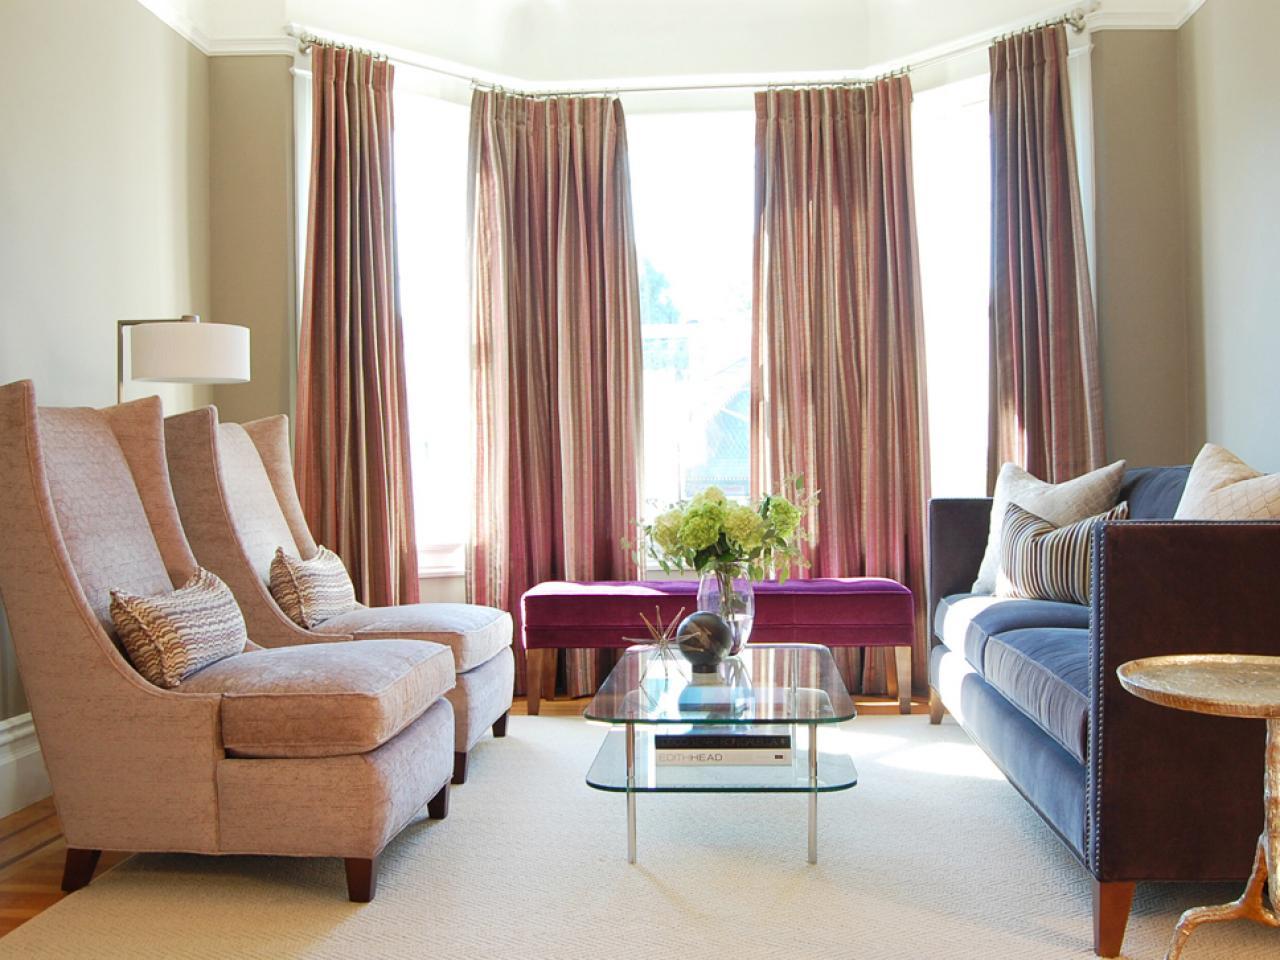 living room furniture arrangement | homesfeed